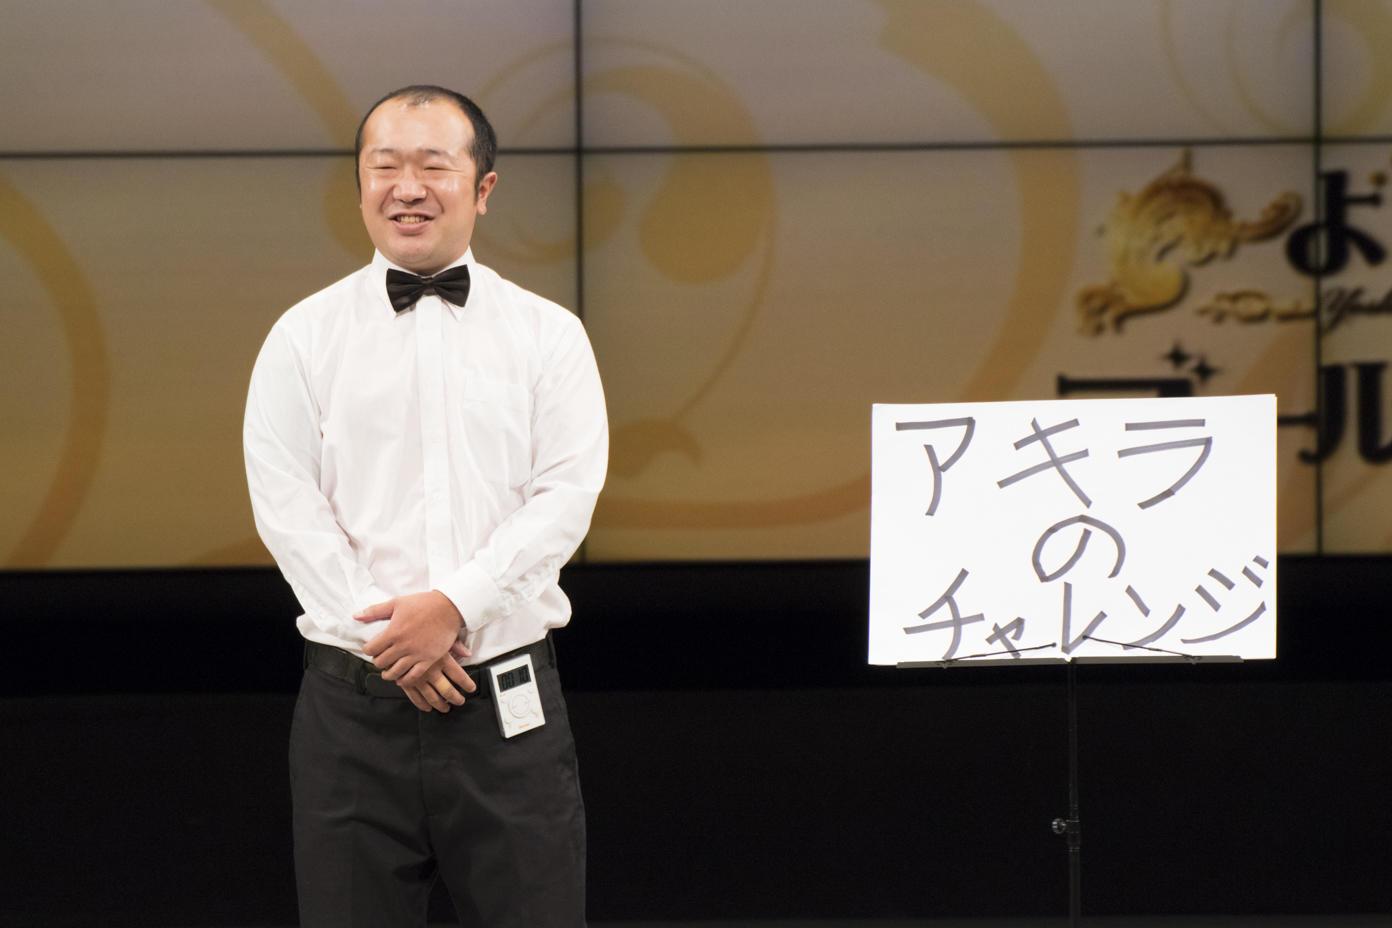 http://news.yoshimoto.co.jp/20160824232421-e81adbf864519a545a0dbdb0409392101b5a0598.jpg